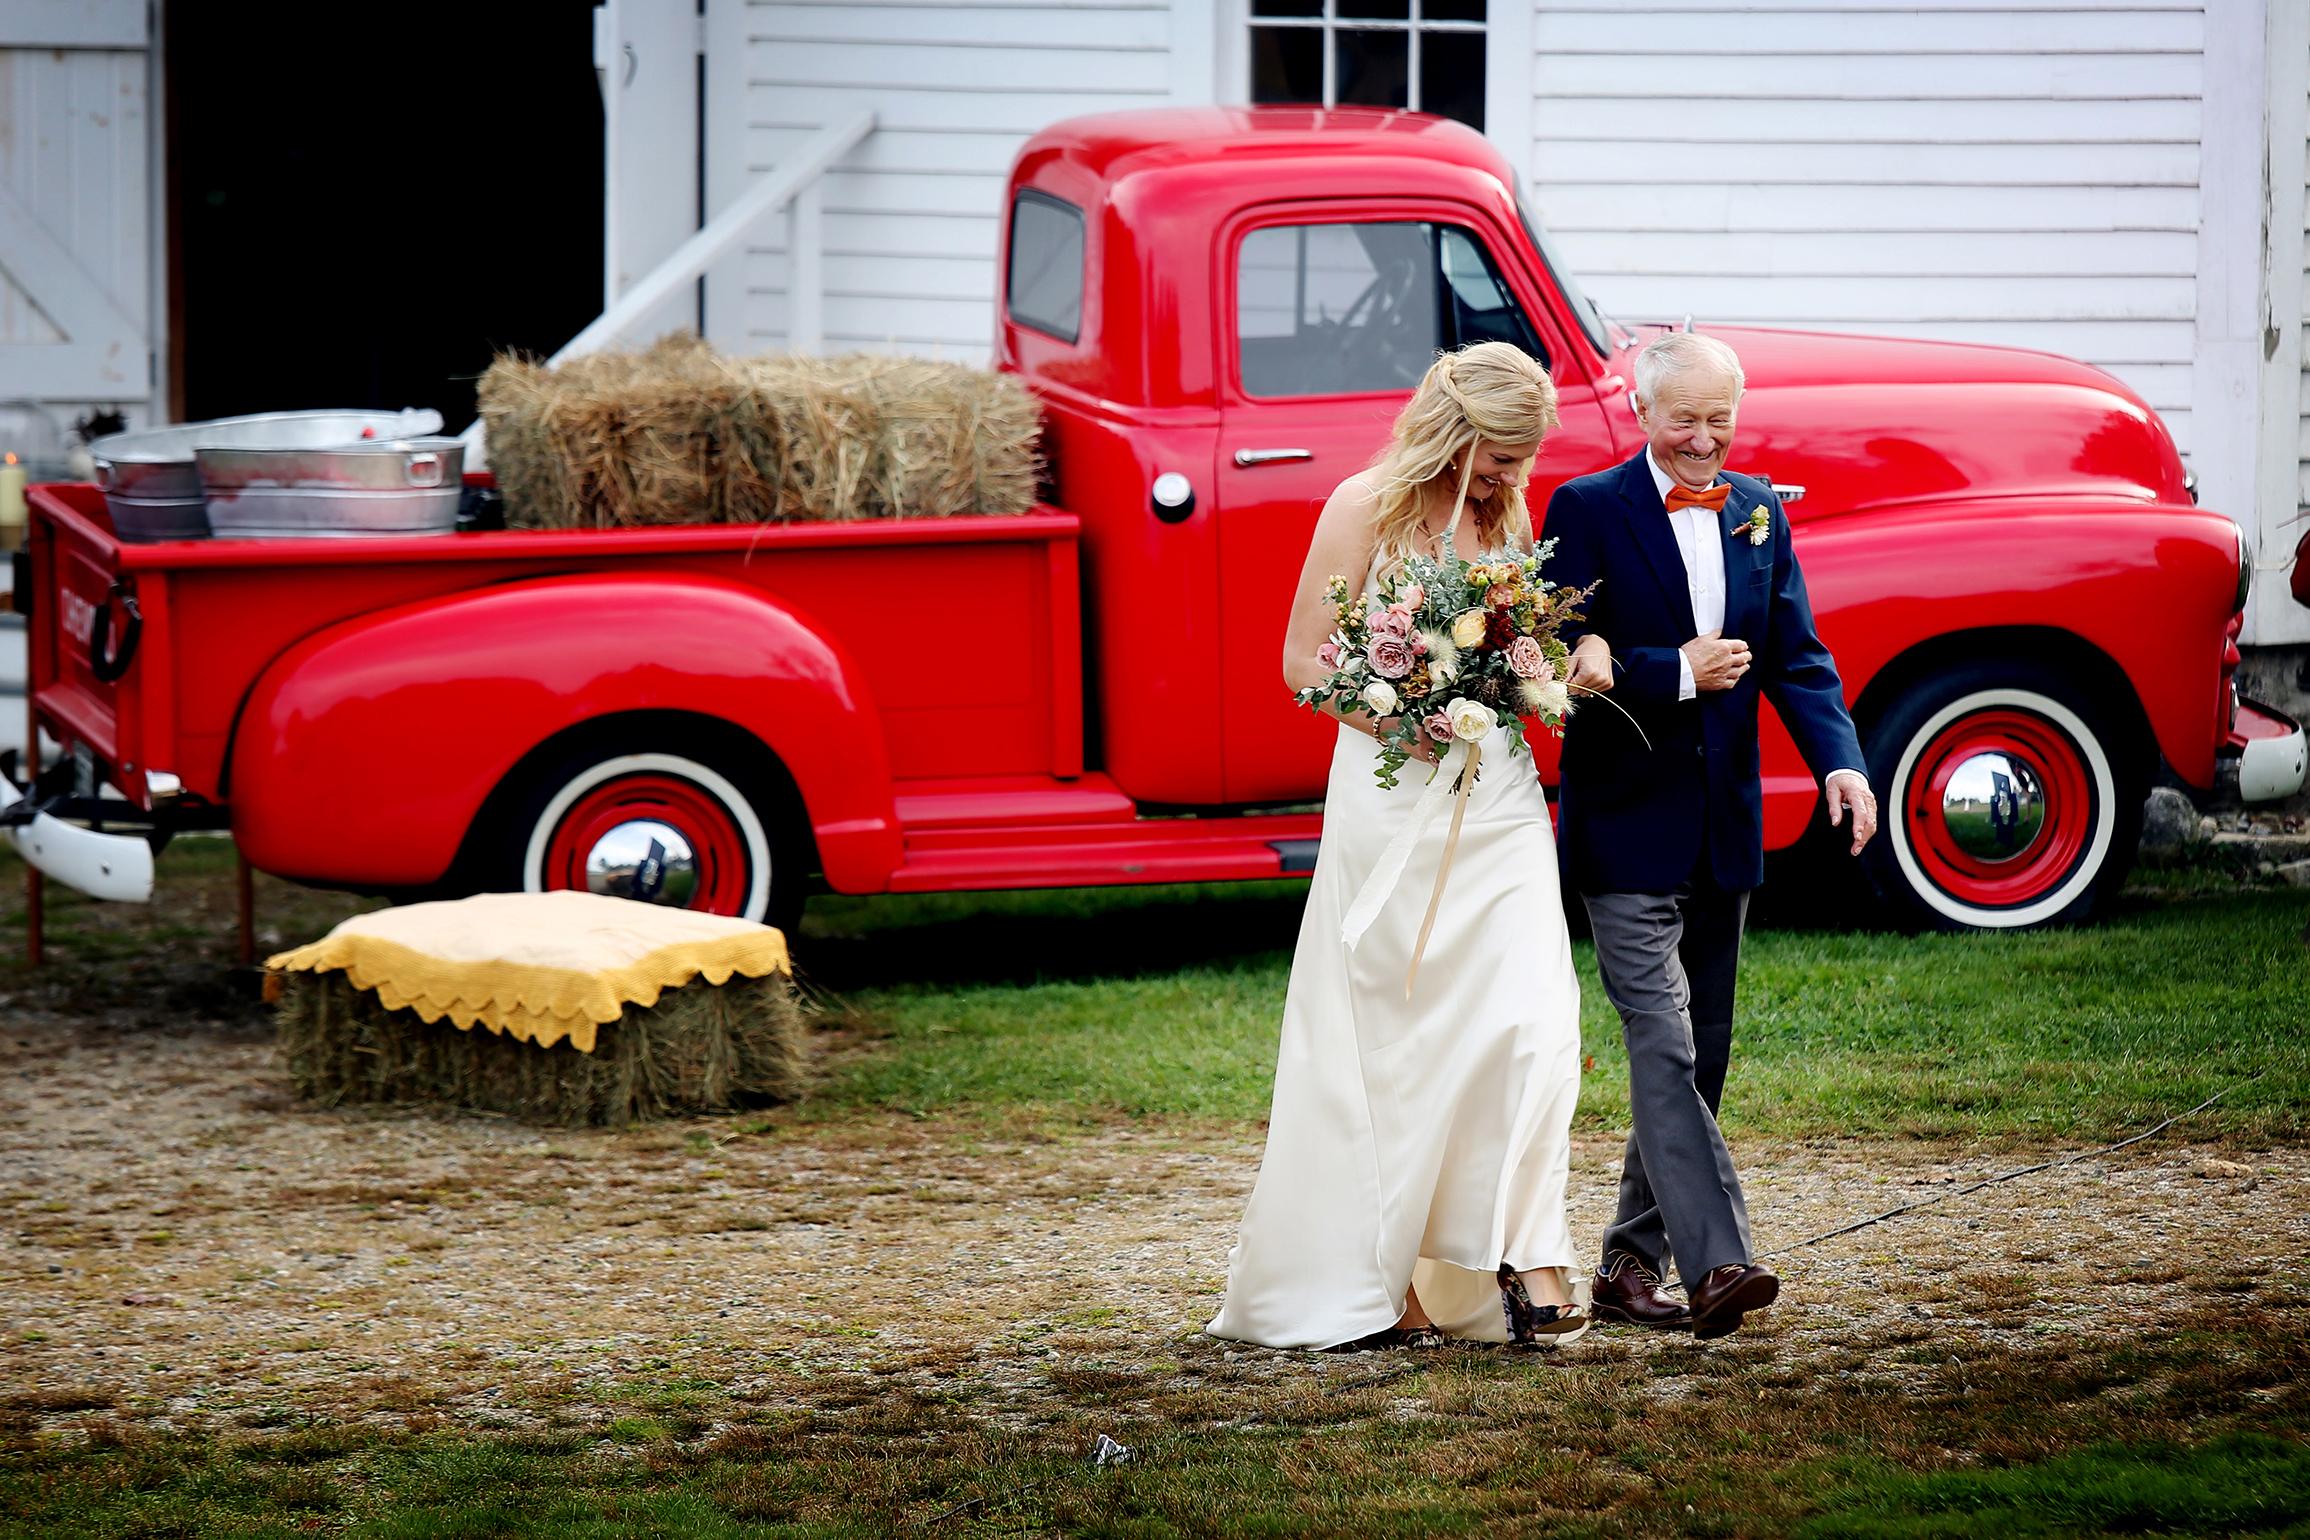 Hochzeit in Amerika, Vater und Braut, Boston im Herbst, Chevy, Chevrolet, amerikanische Hochzeit